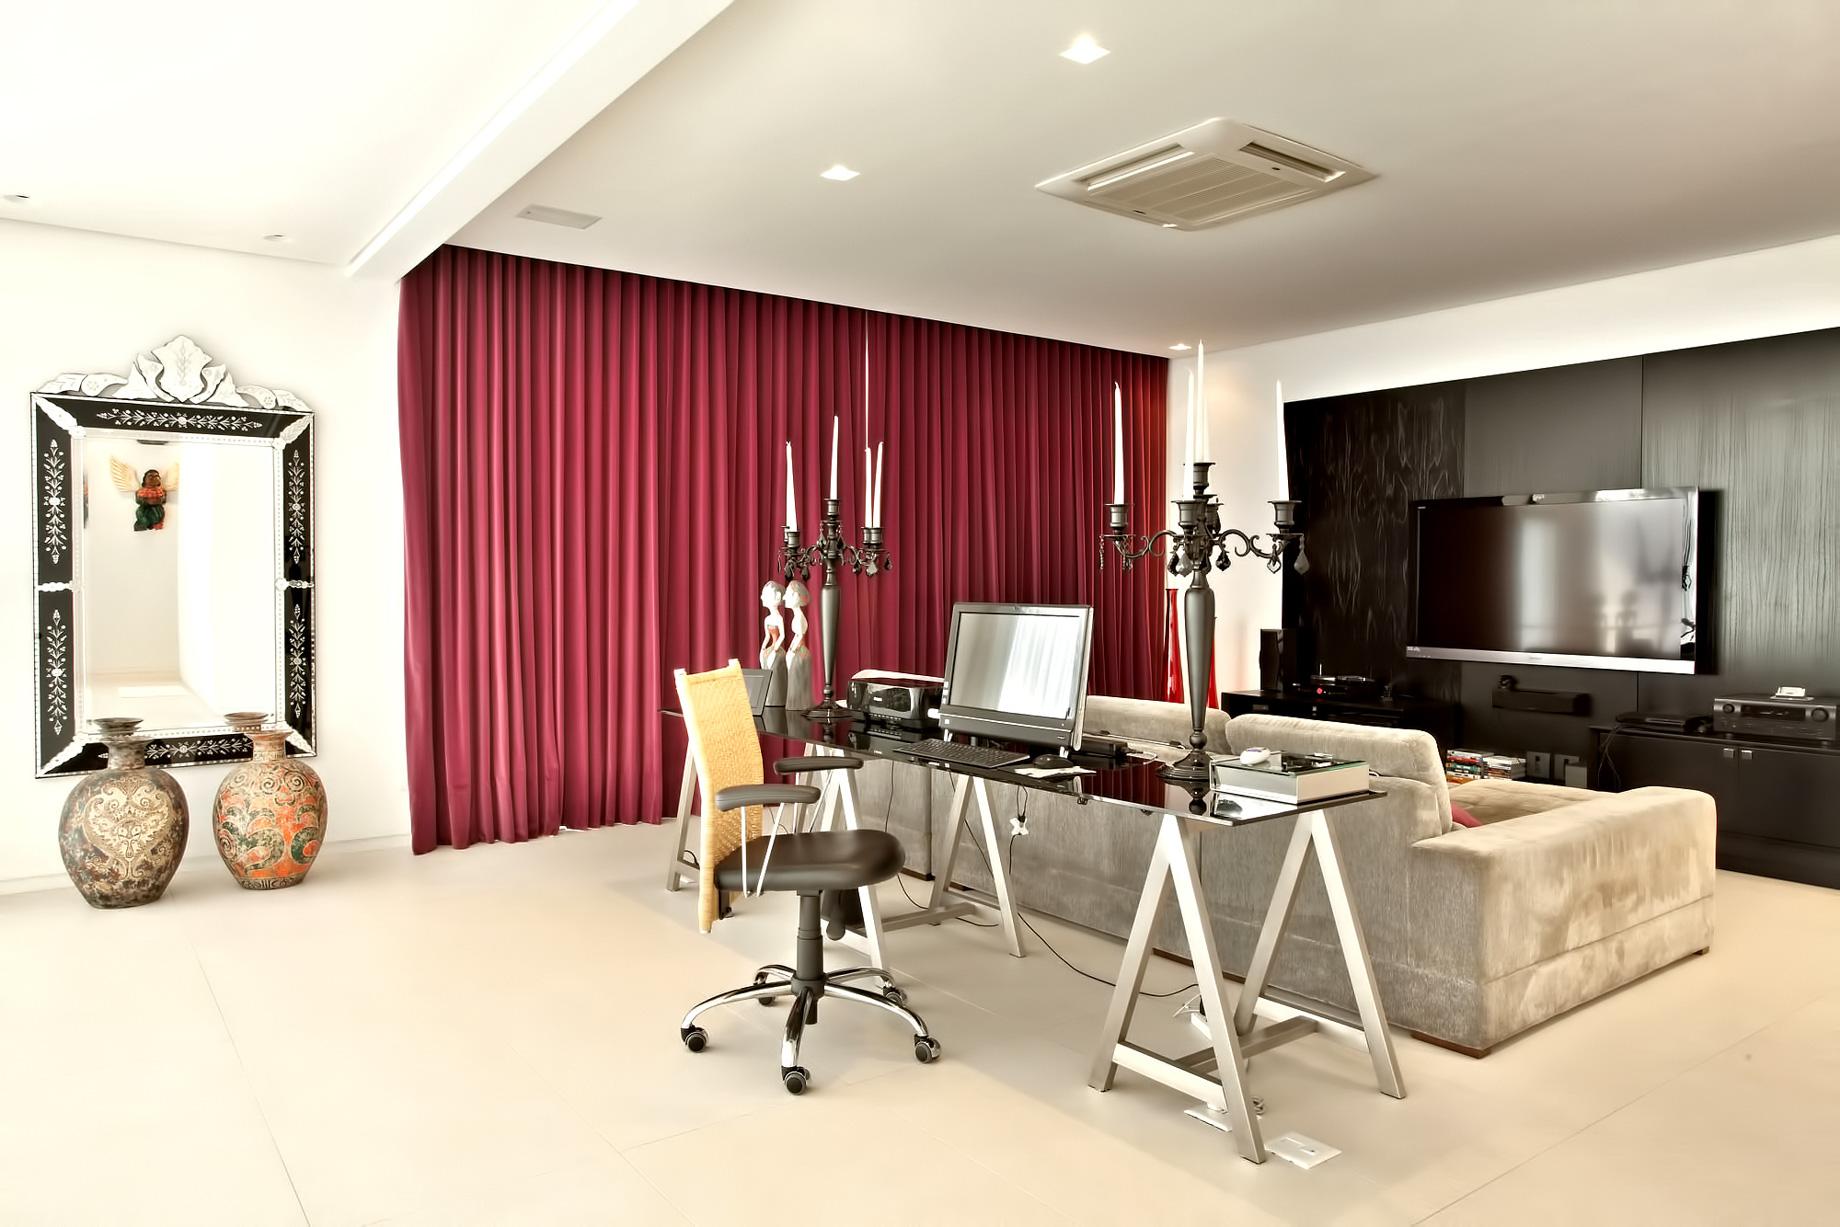 Residencia NJ - Campinas, São Paulo, Brazil